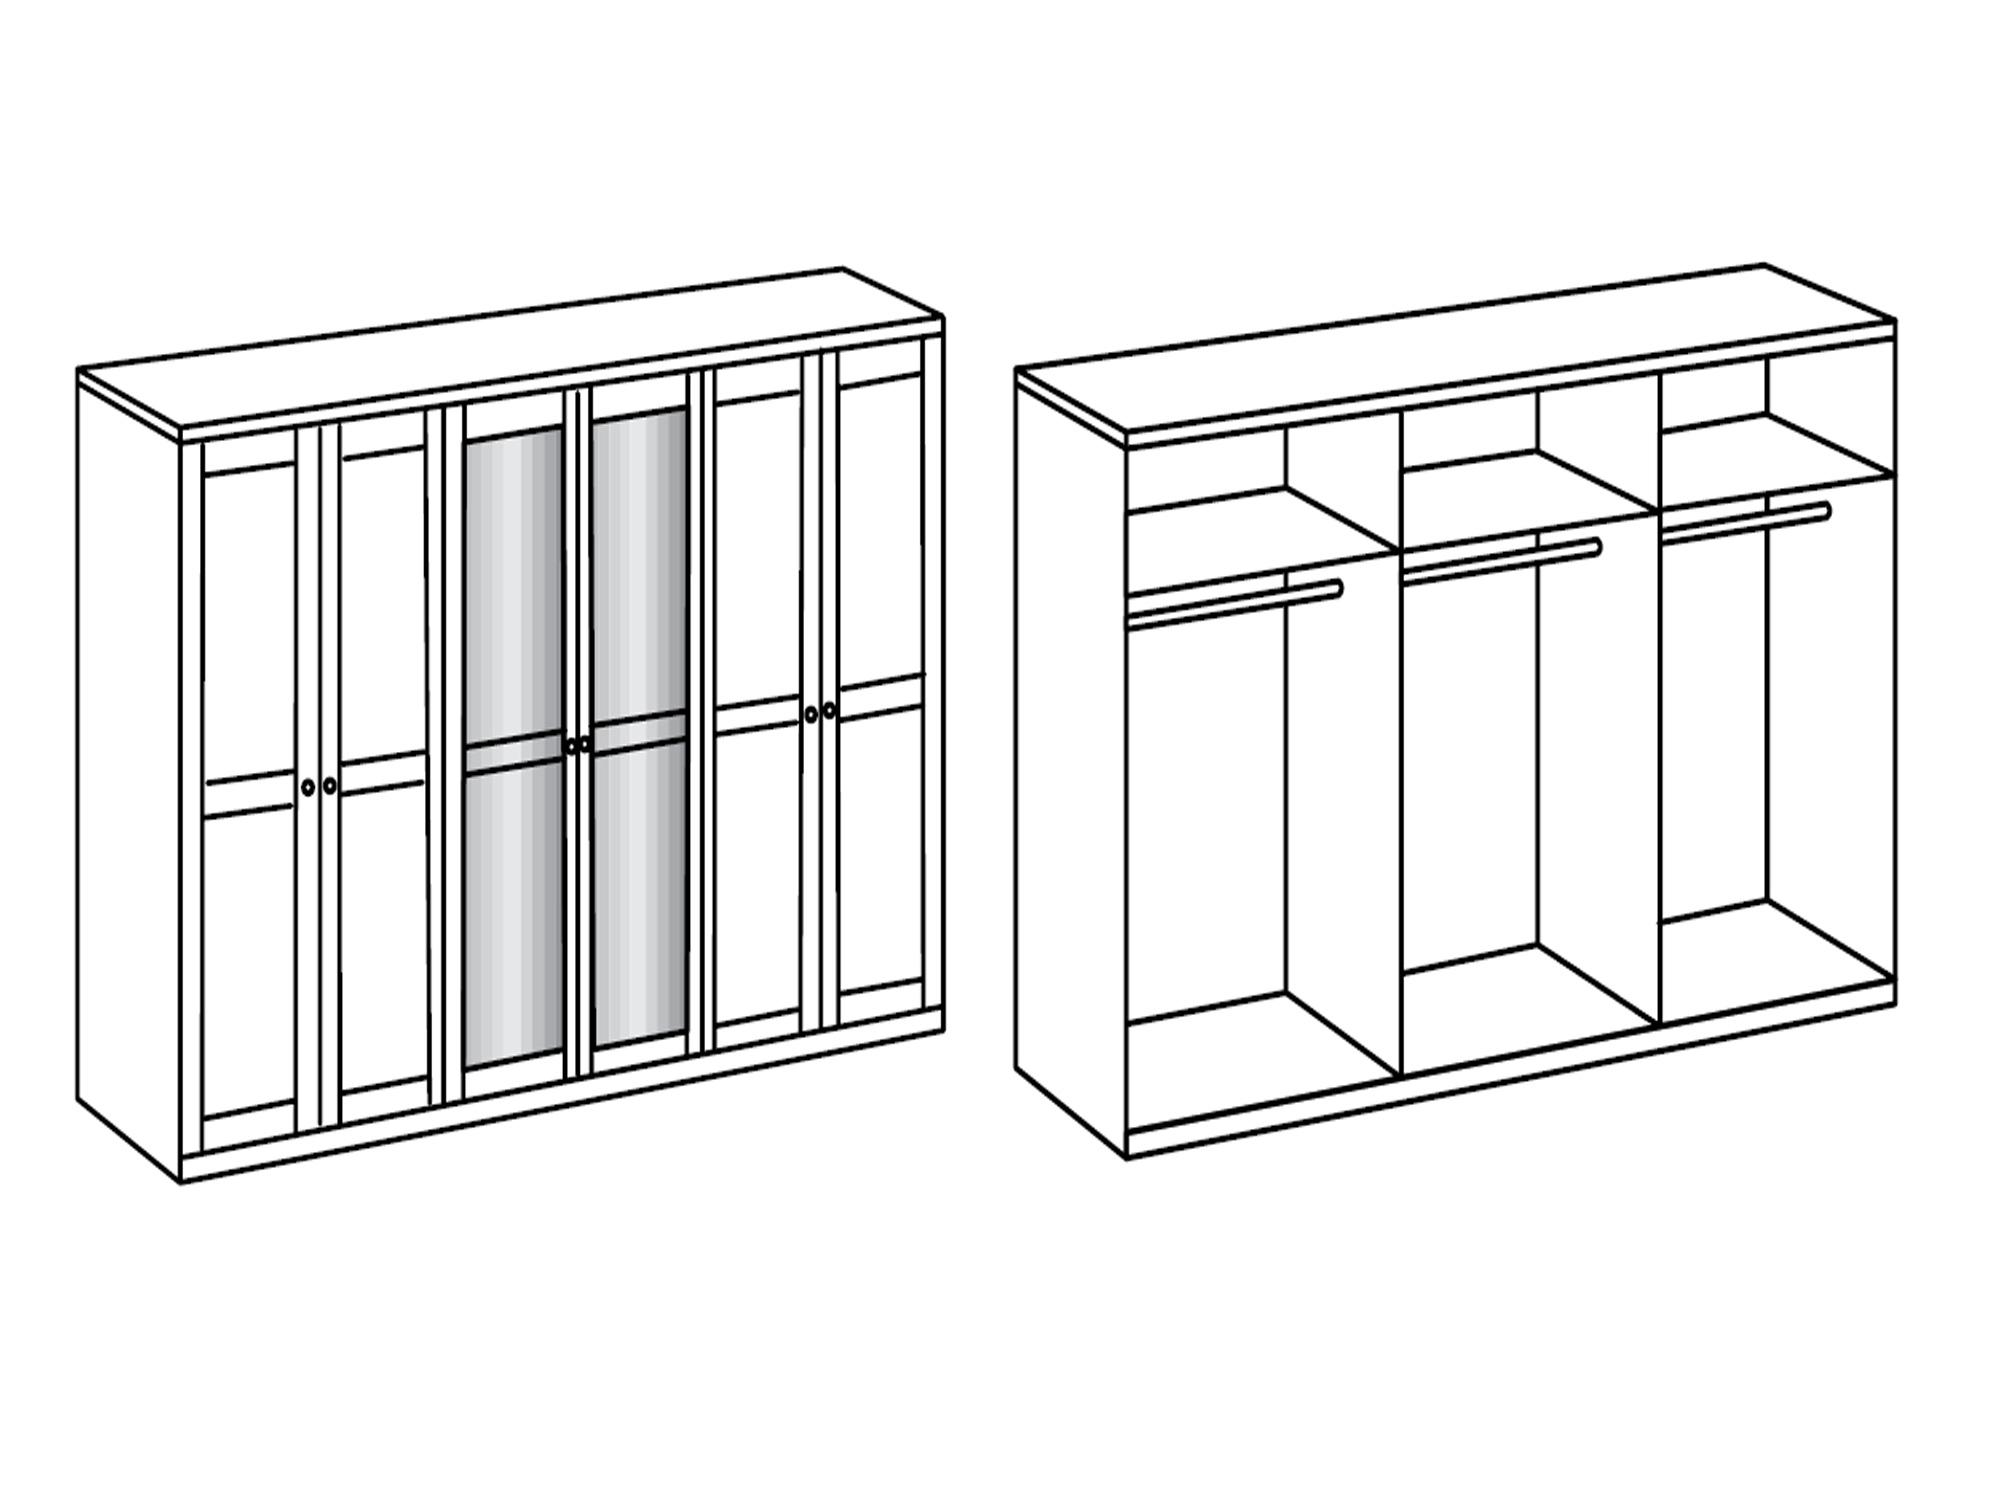 komplett schlafzimmer oldenburg weiss plankeneiche 140 cm. Black Bedroom Furniture Sets. Home Design Ideas